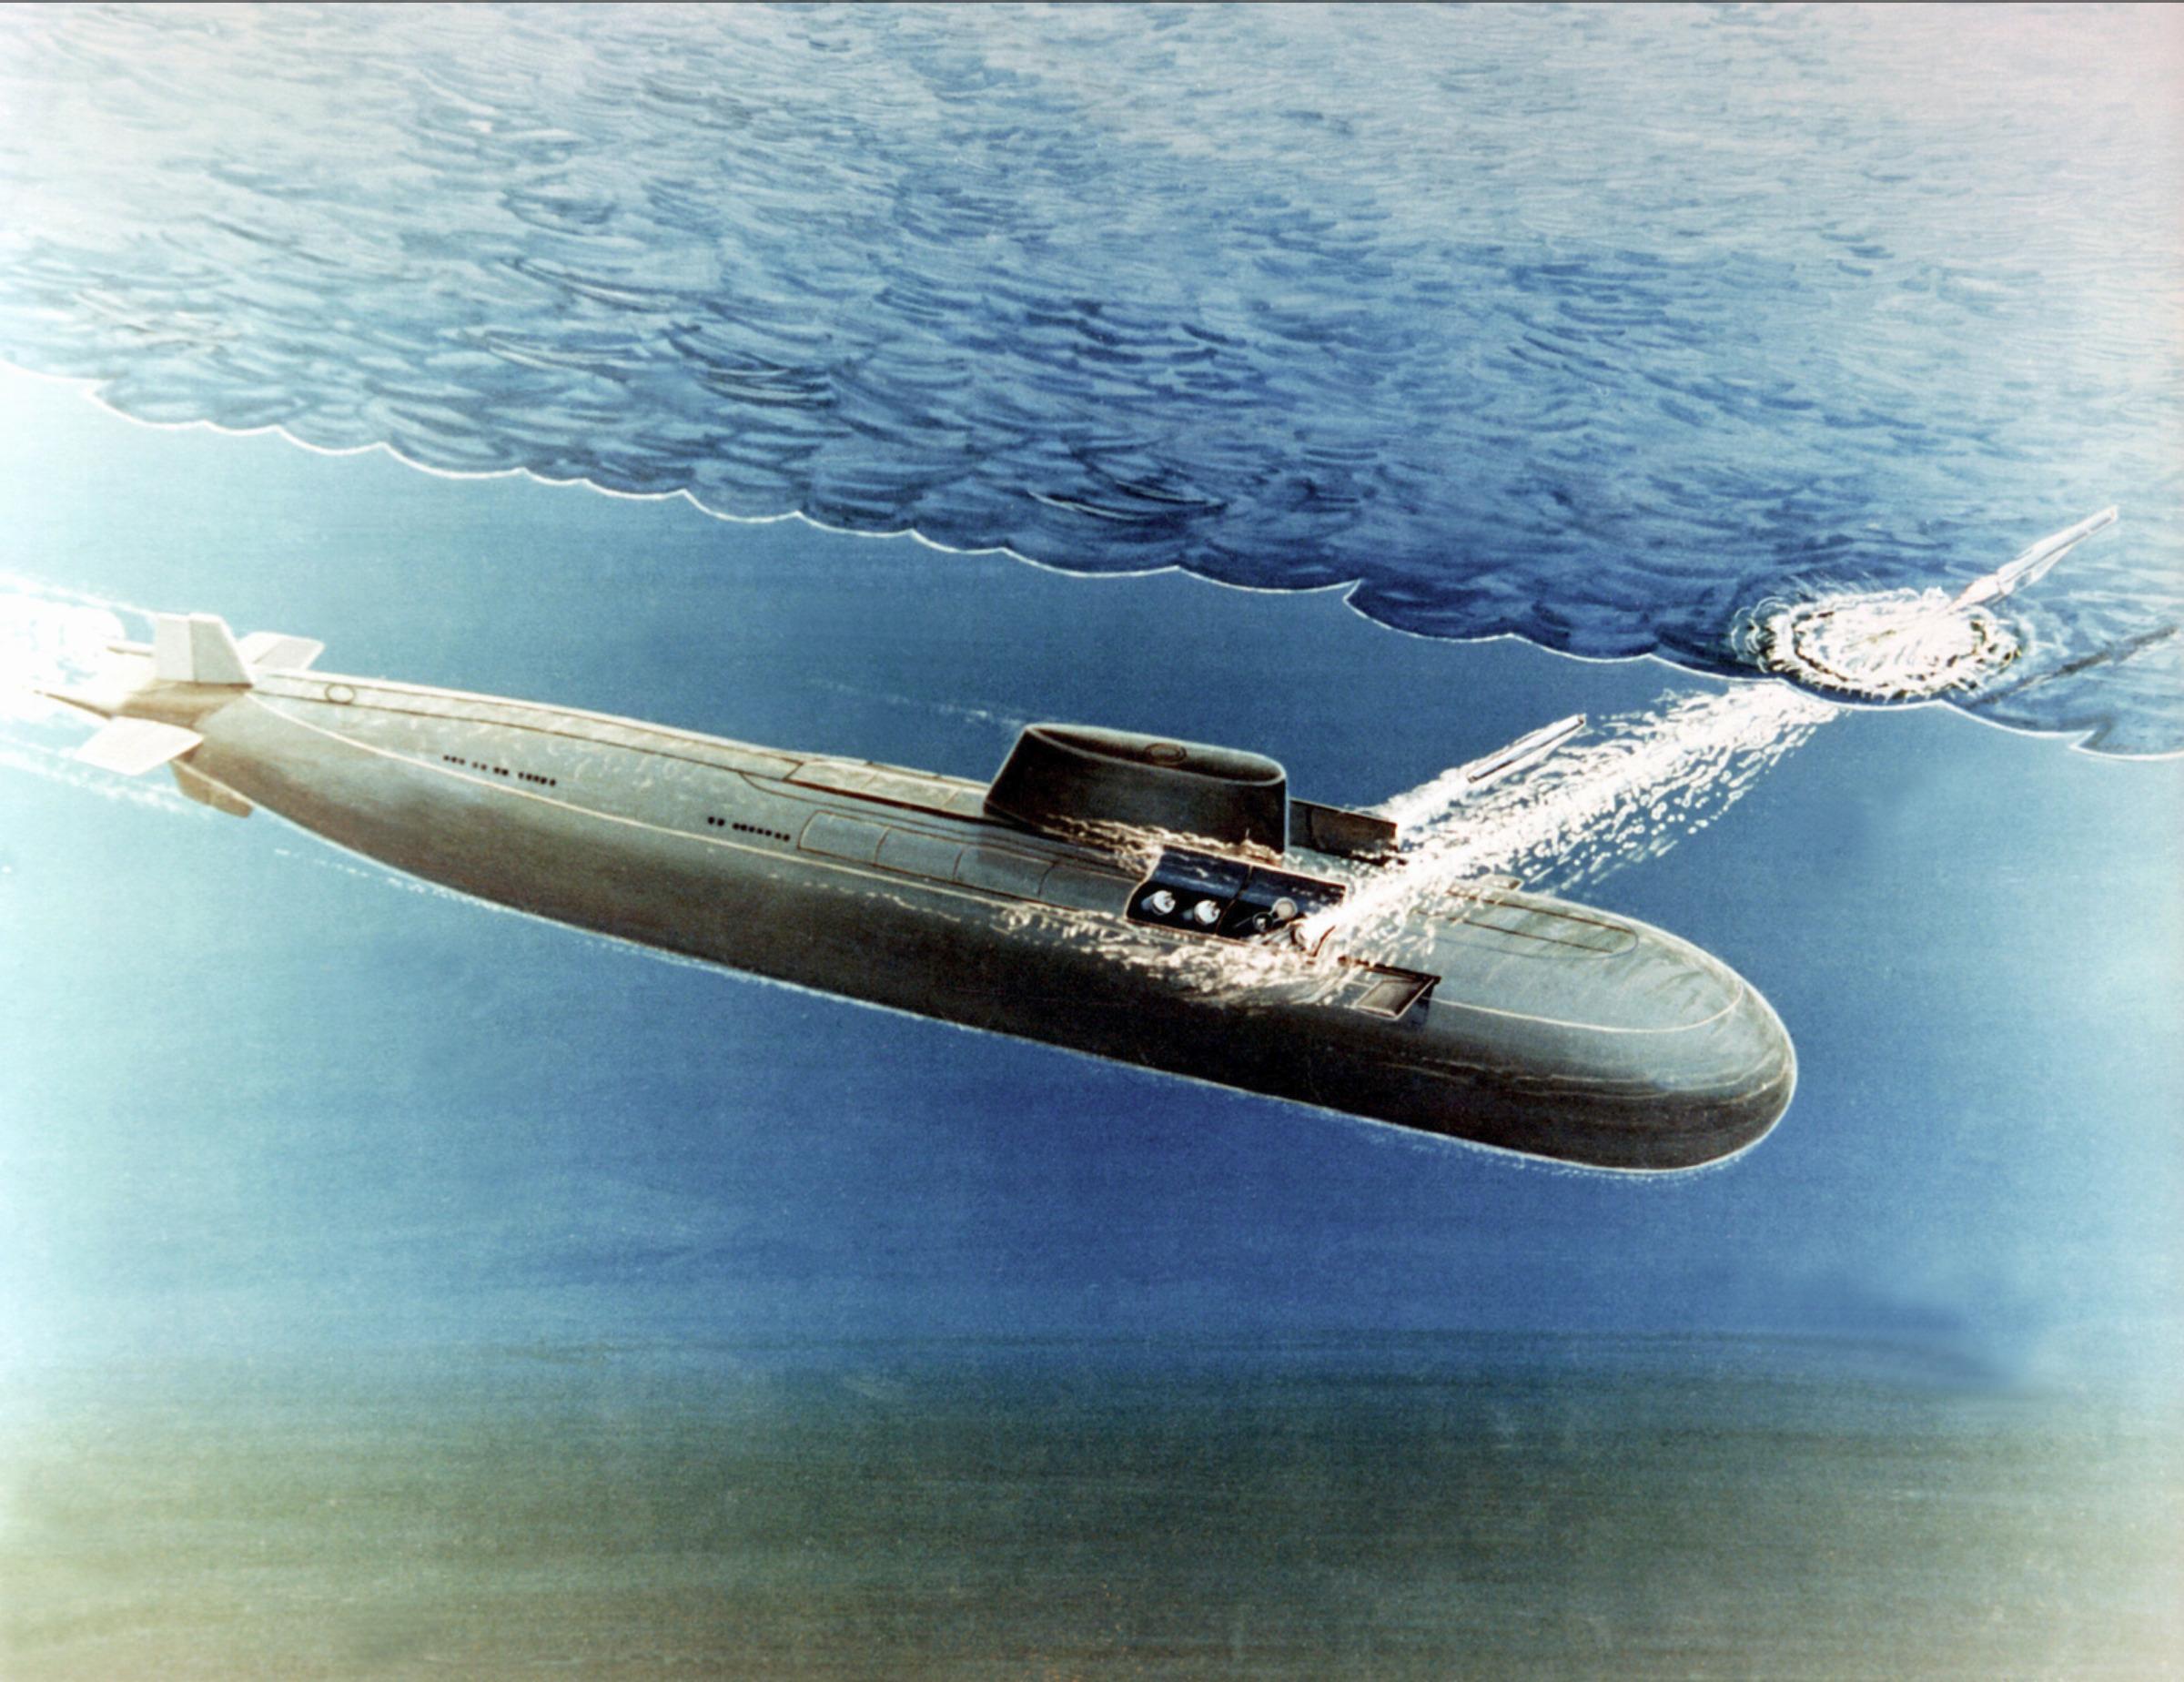 an_artist_s_concept_of_a_soviet_oscar_class_cruise_missile_submarine.jpg